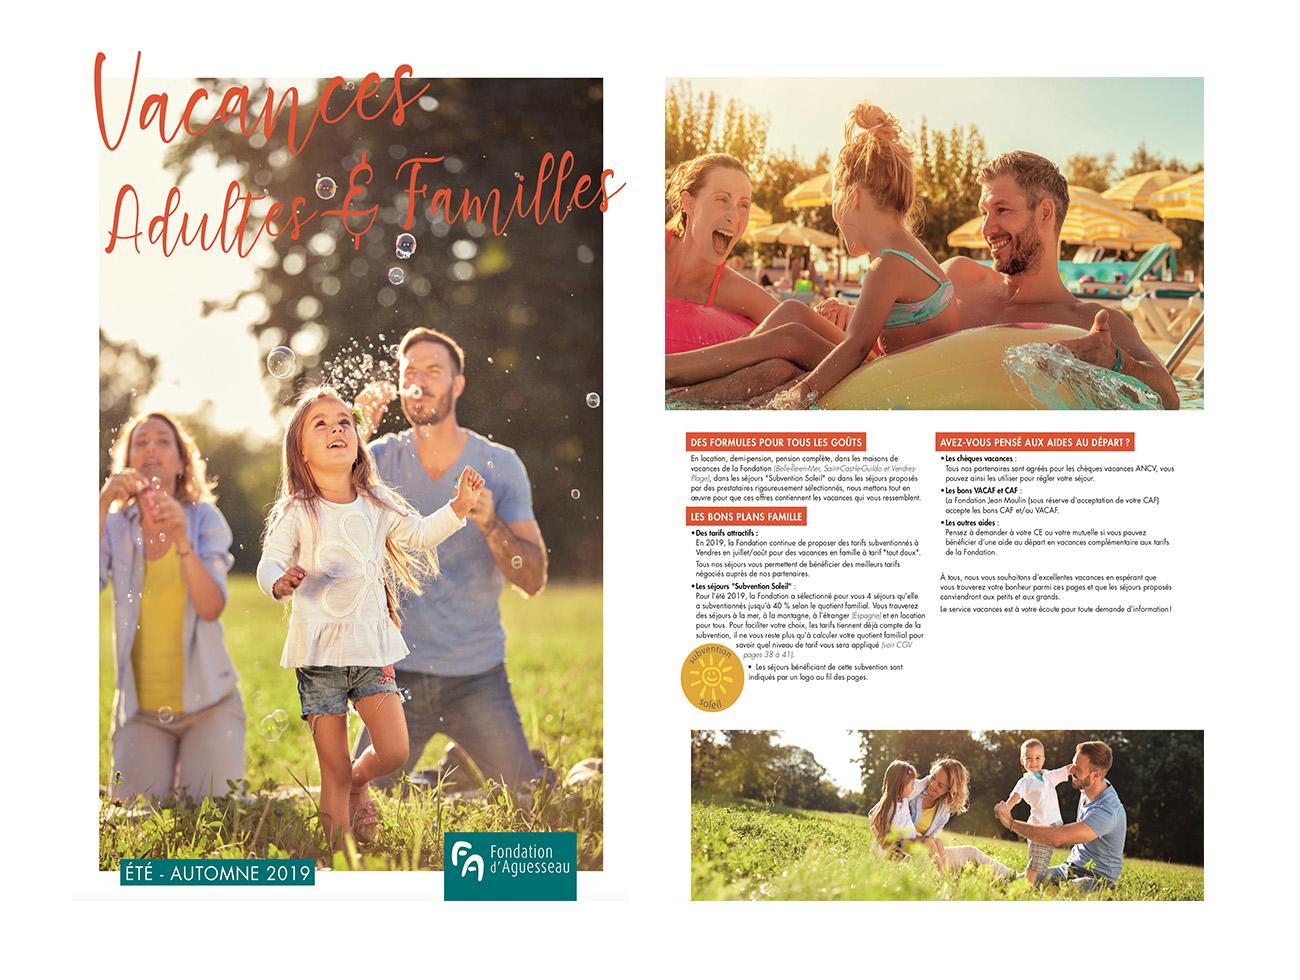 fondation-daguesseau-vacances-jeunes-enfant-communication-magazine-communication-bretagne-lorient